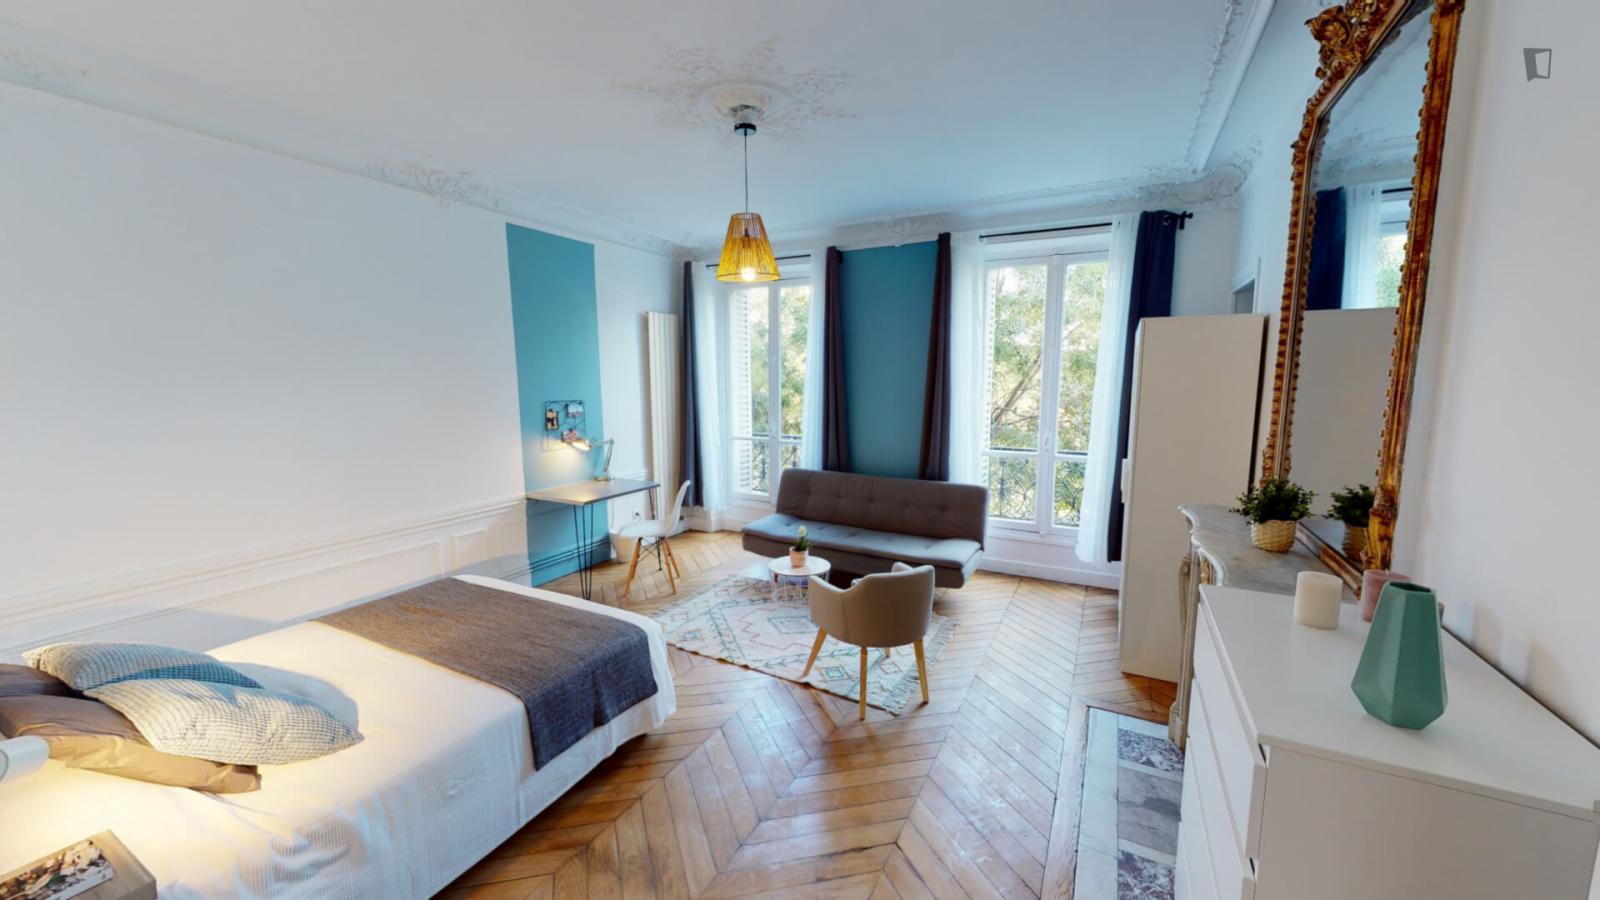 Boulevard de Magenta, 10th arrondissement of Paris, FR-75 - 1,011 EUR/ month